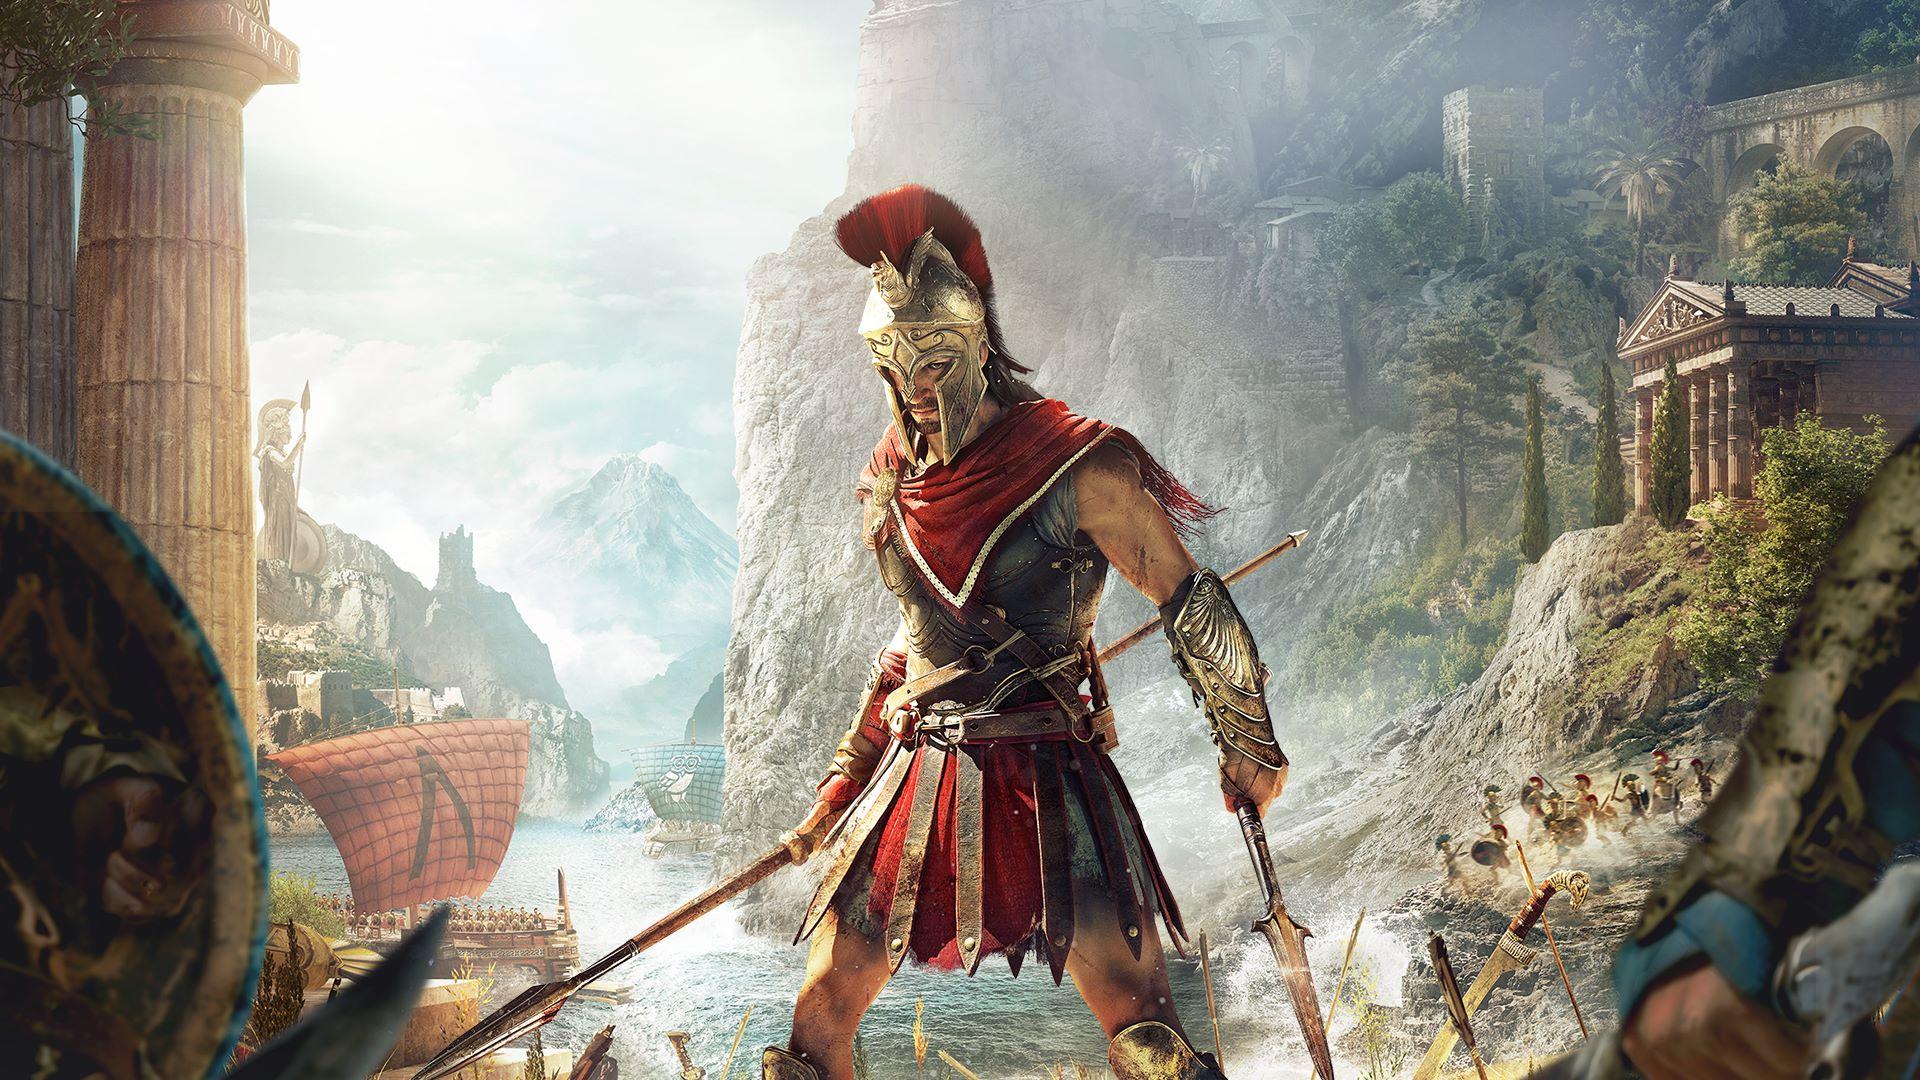 Imagini pentru Assassin's Creed Odyssey